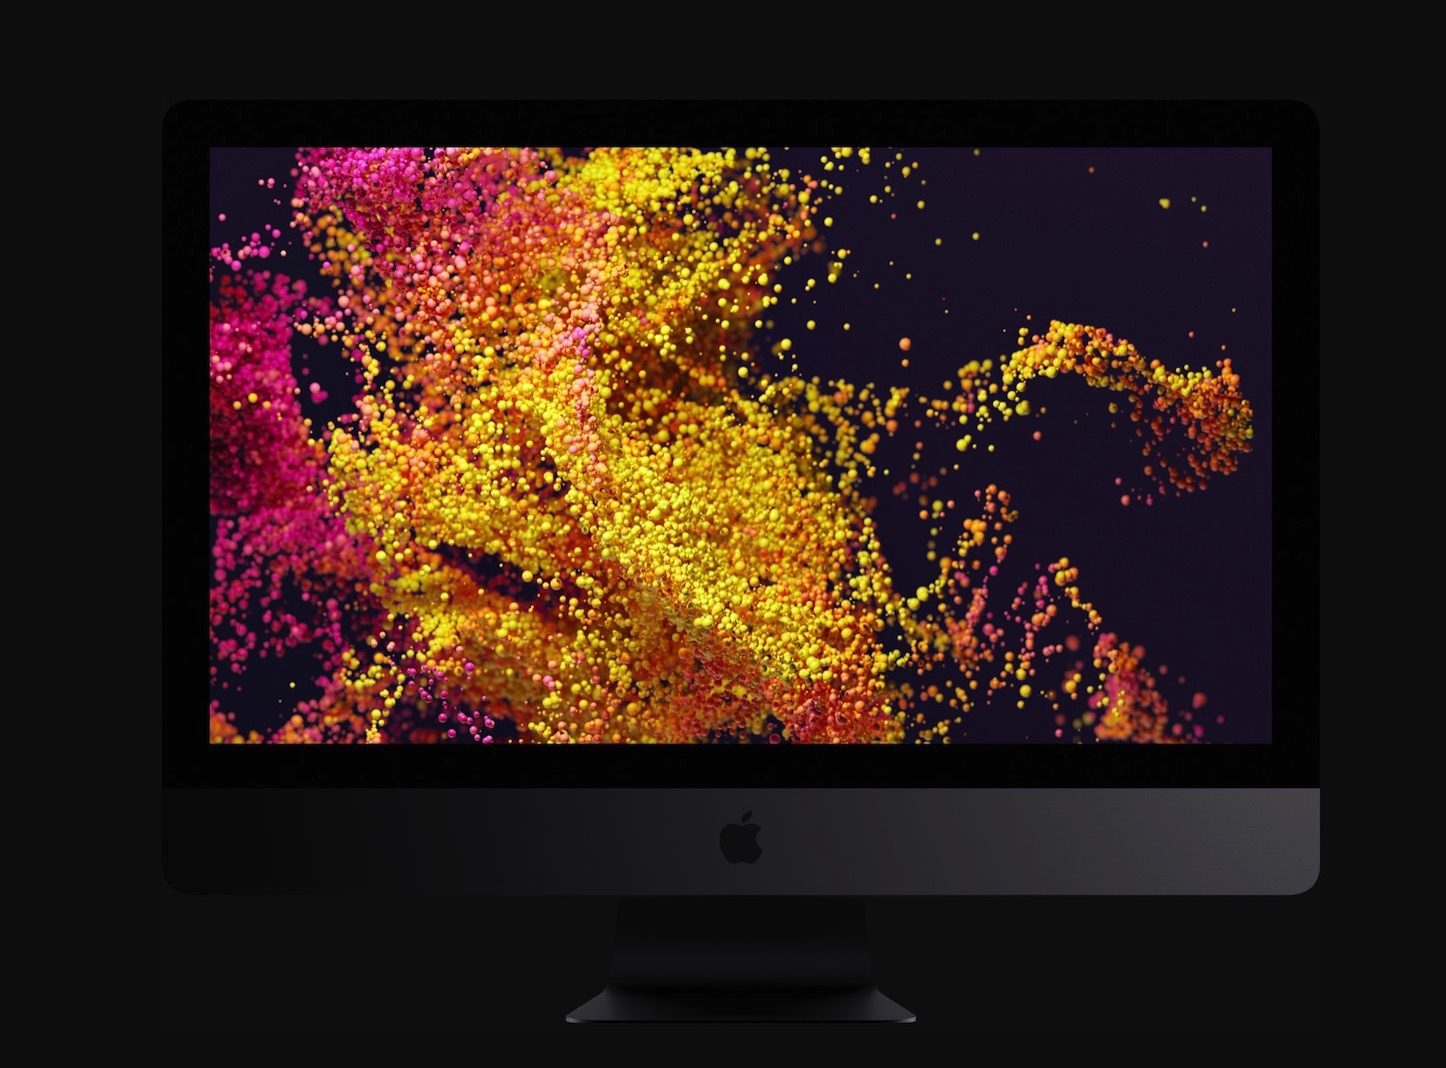 IMac Pro VS iMac 27 5K